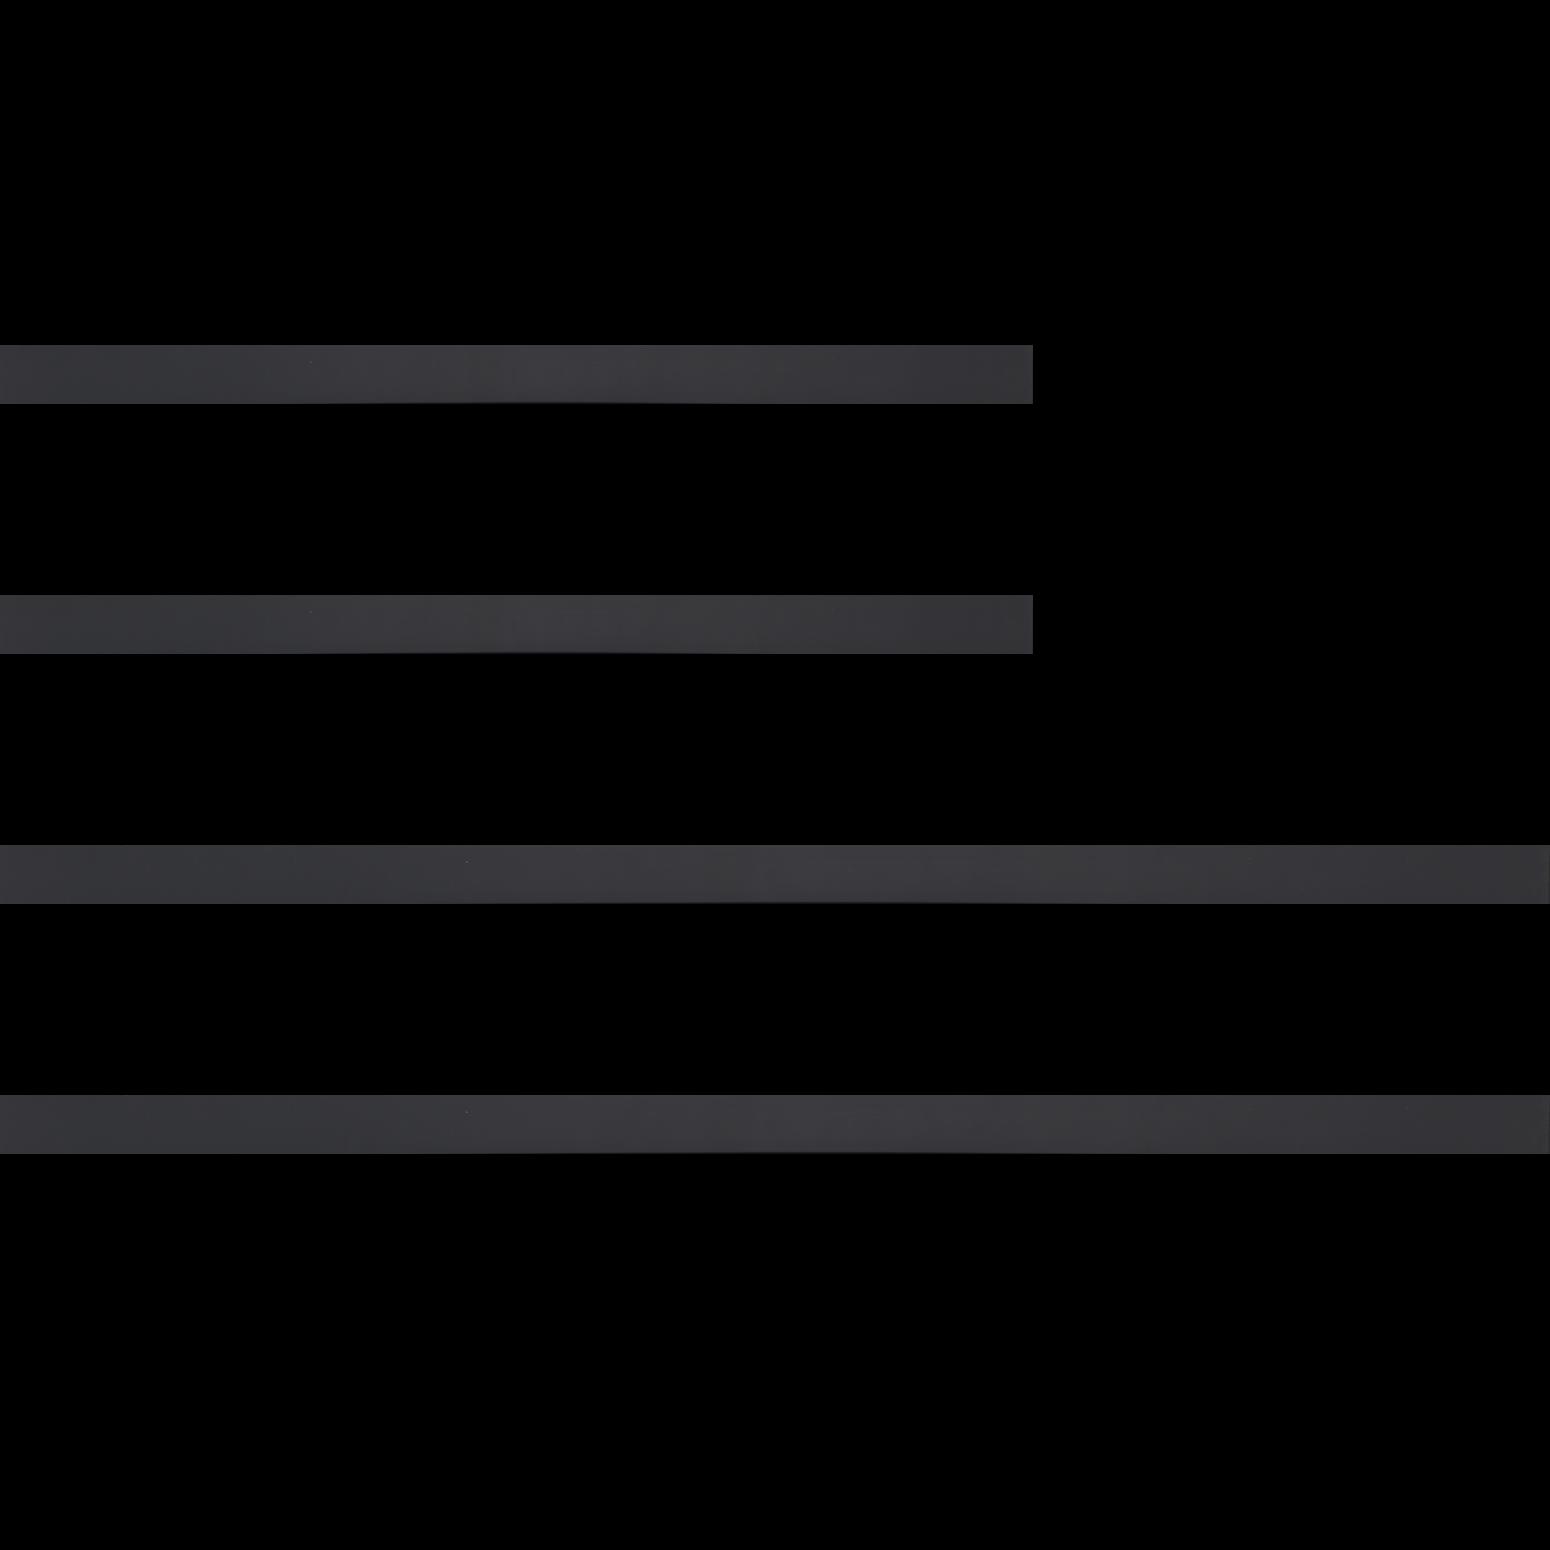 Baguette bois profil plat effet cube largeur 2cm couleur noir satiné